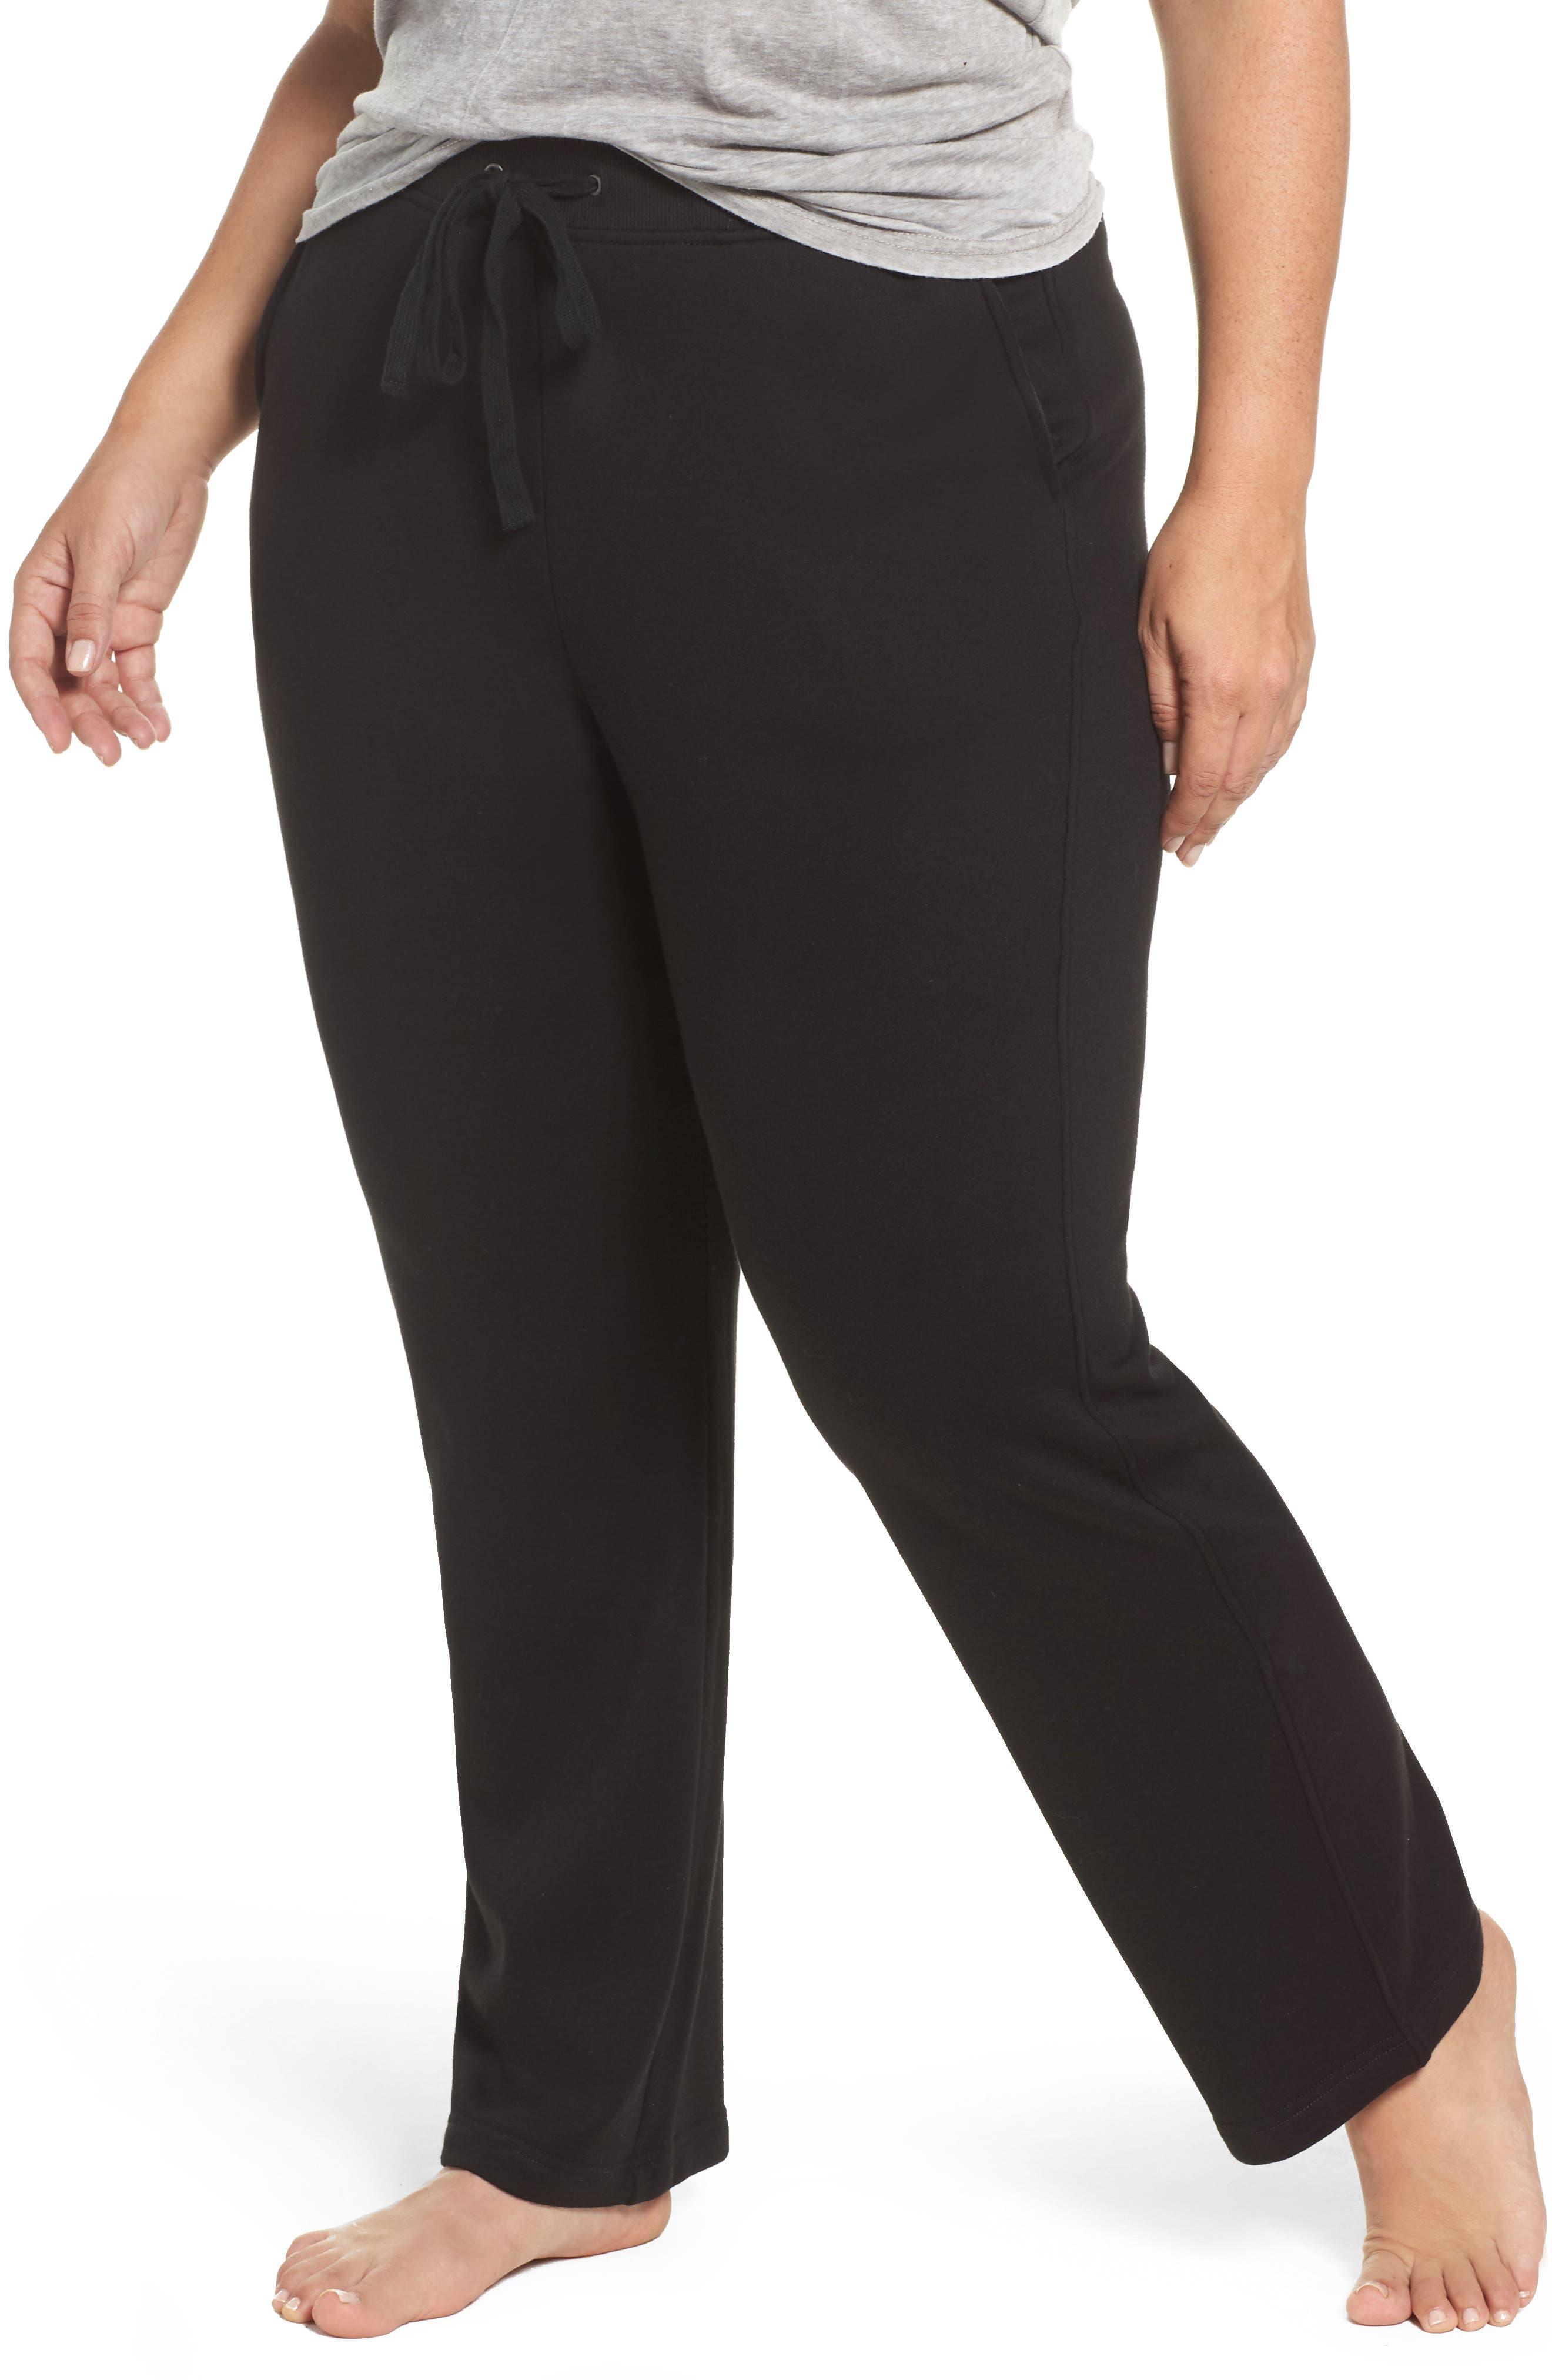 Penny Fleece Sweatpants,                             Main thumbnail 1, color,                             BLACK